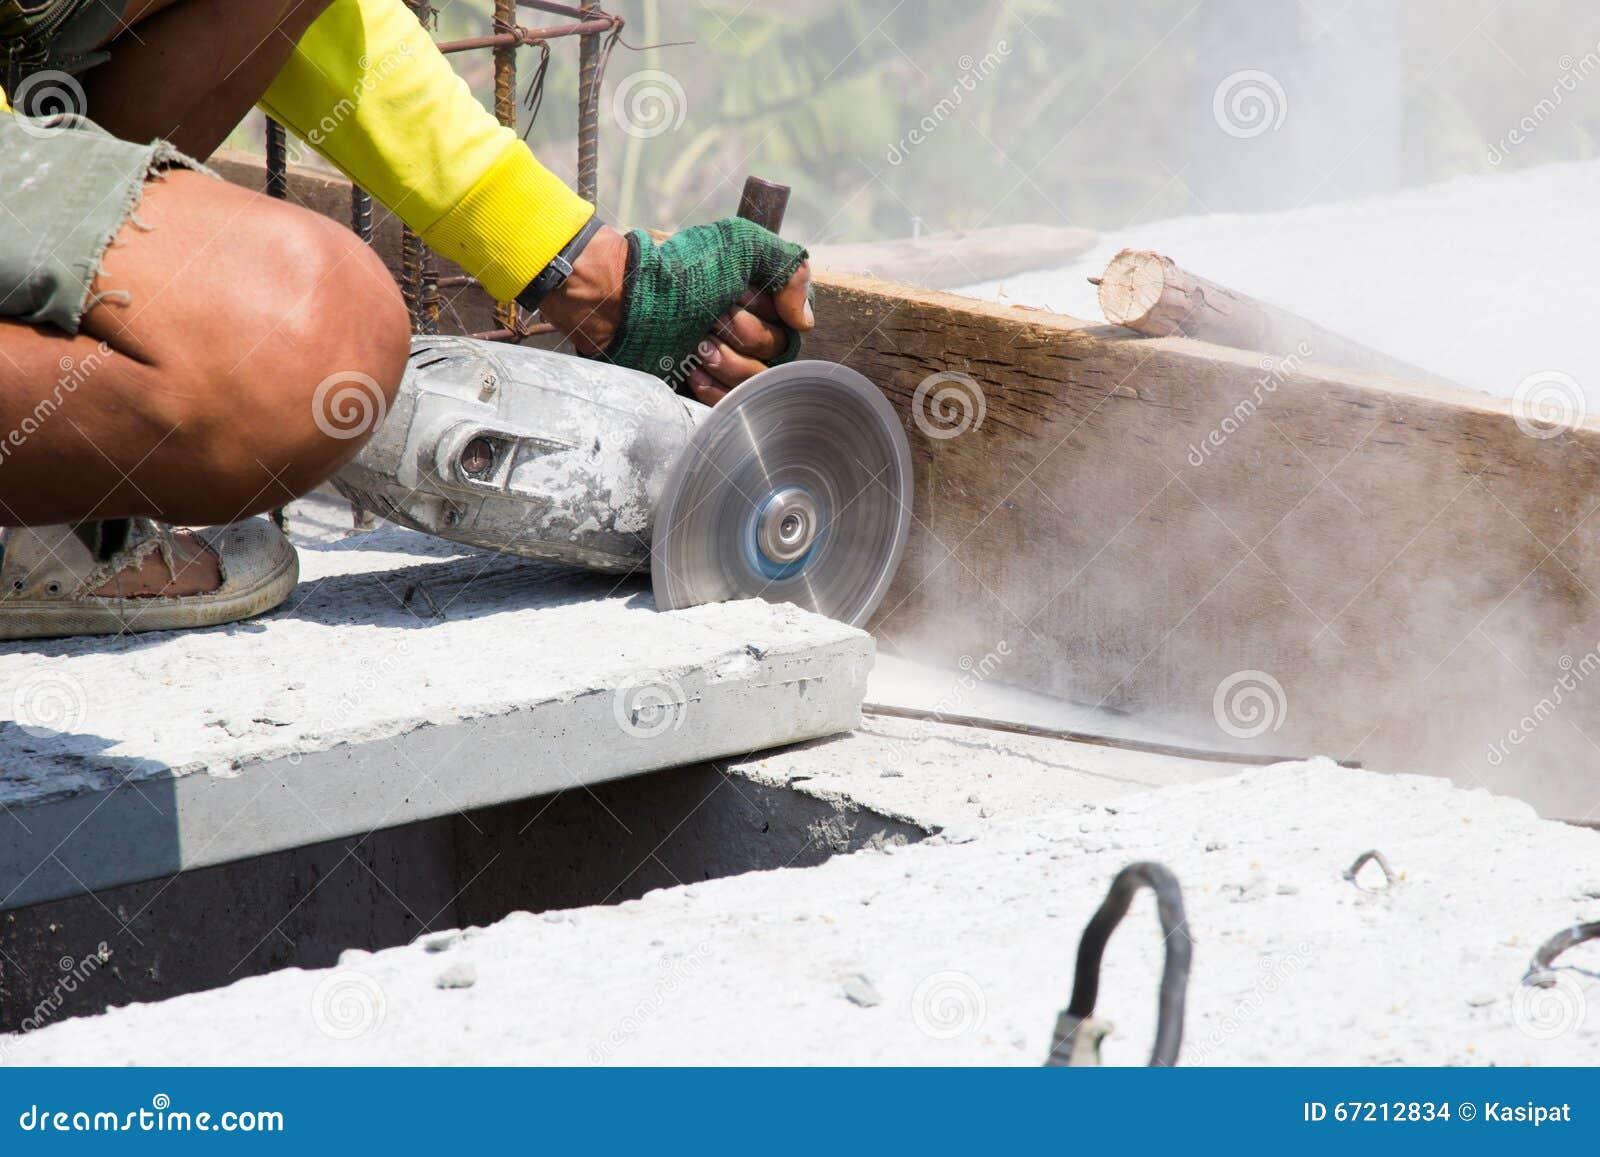 schneiden sie betonplatte stockfoto. bild von erbauer - 67212834